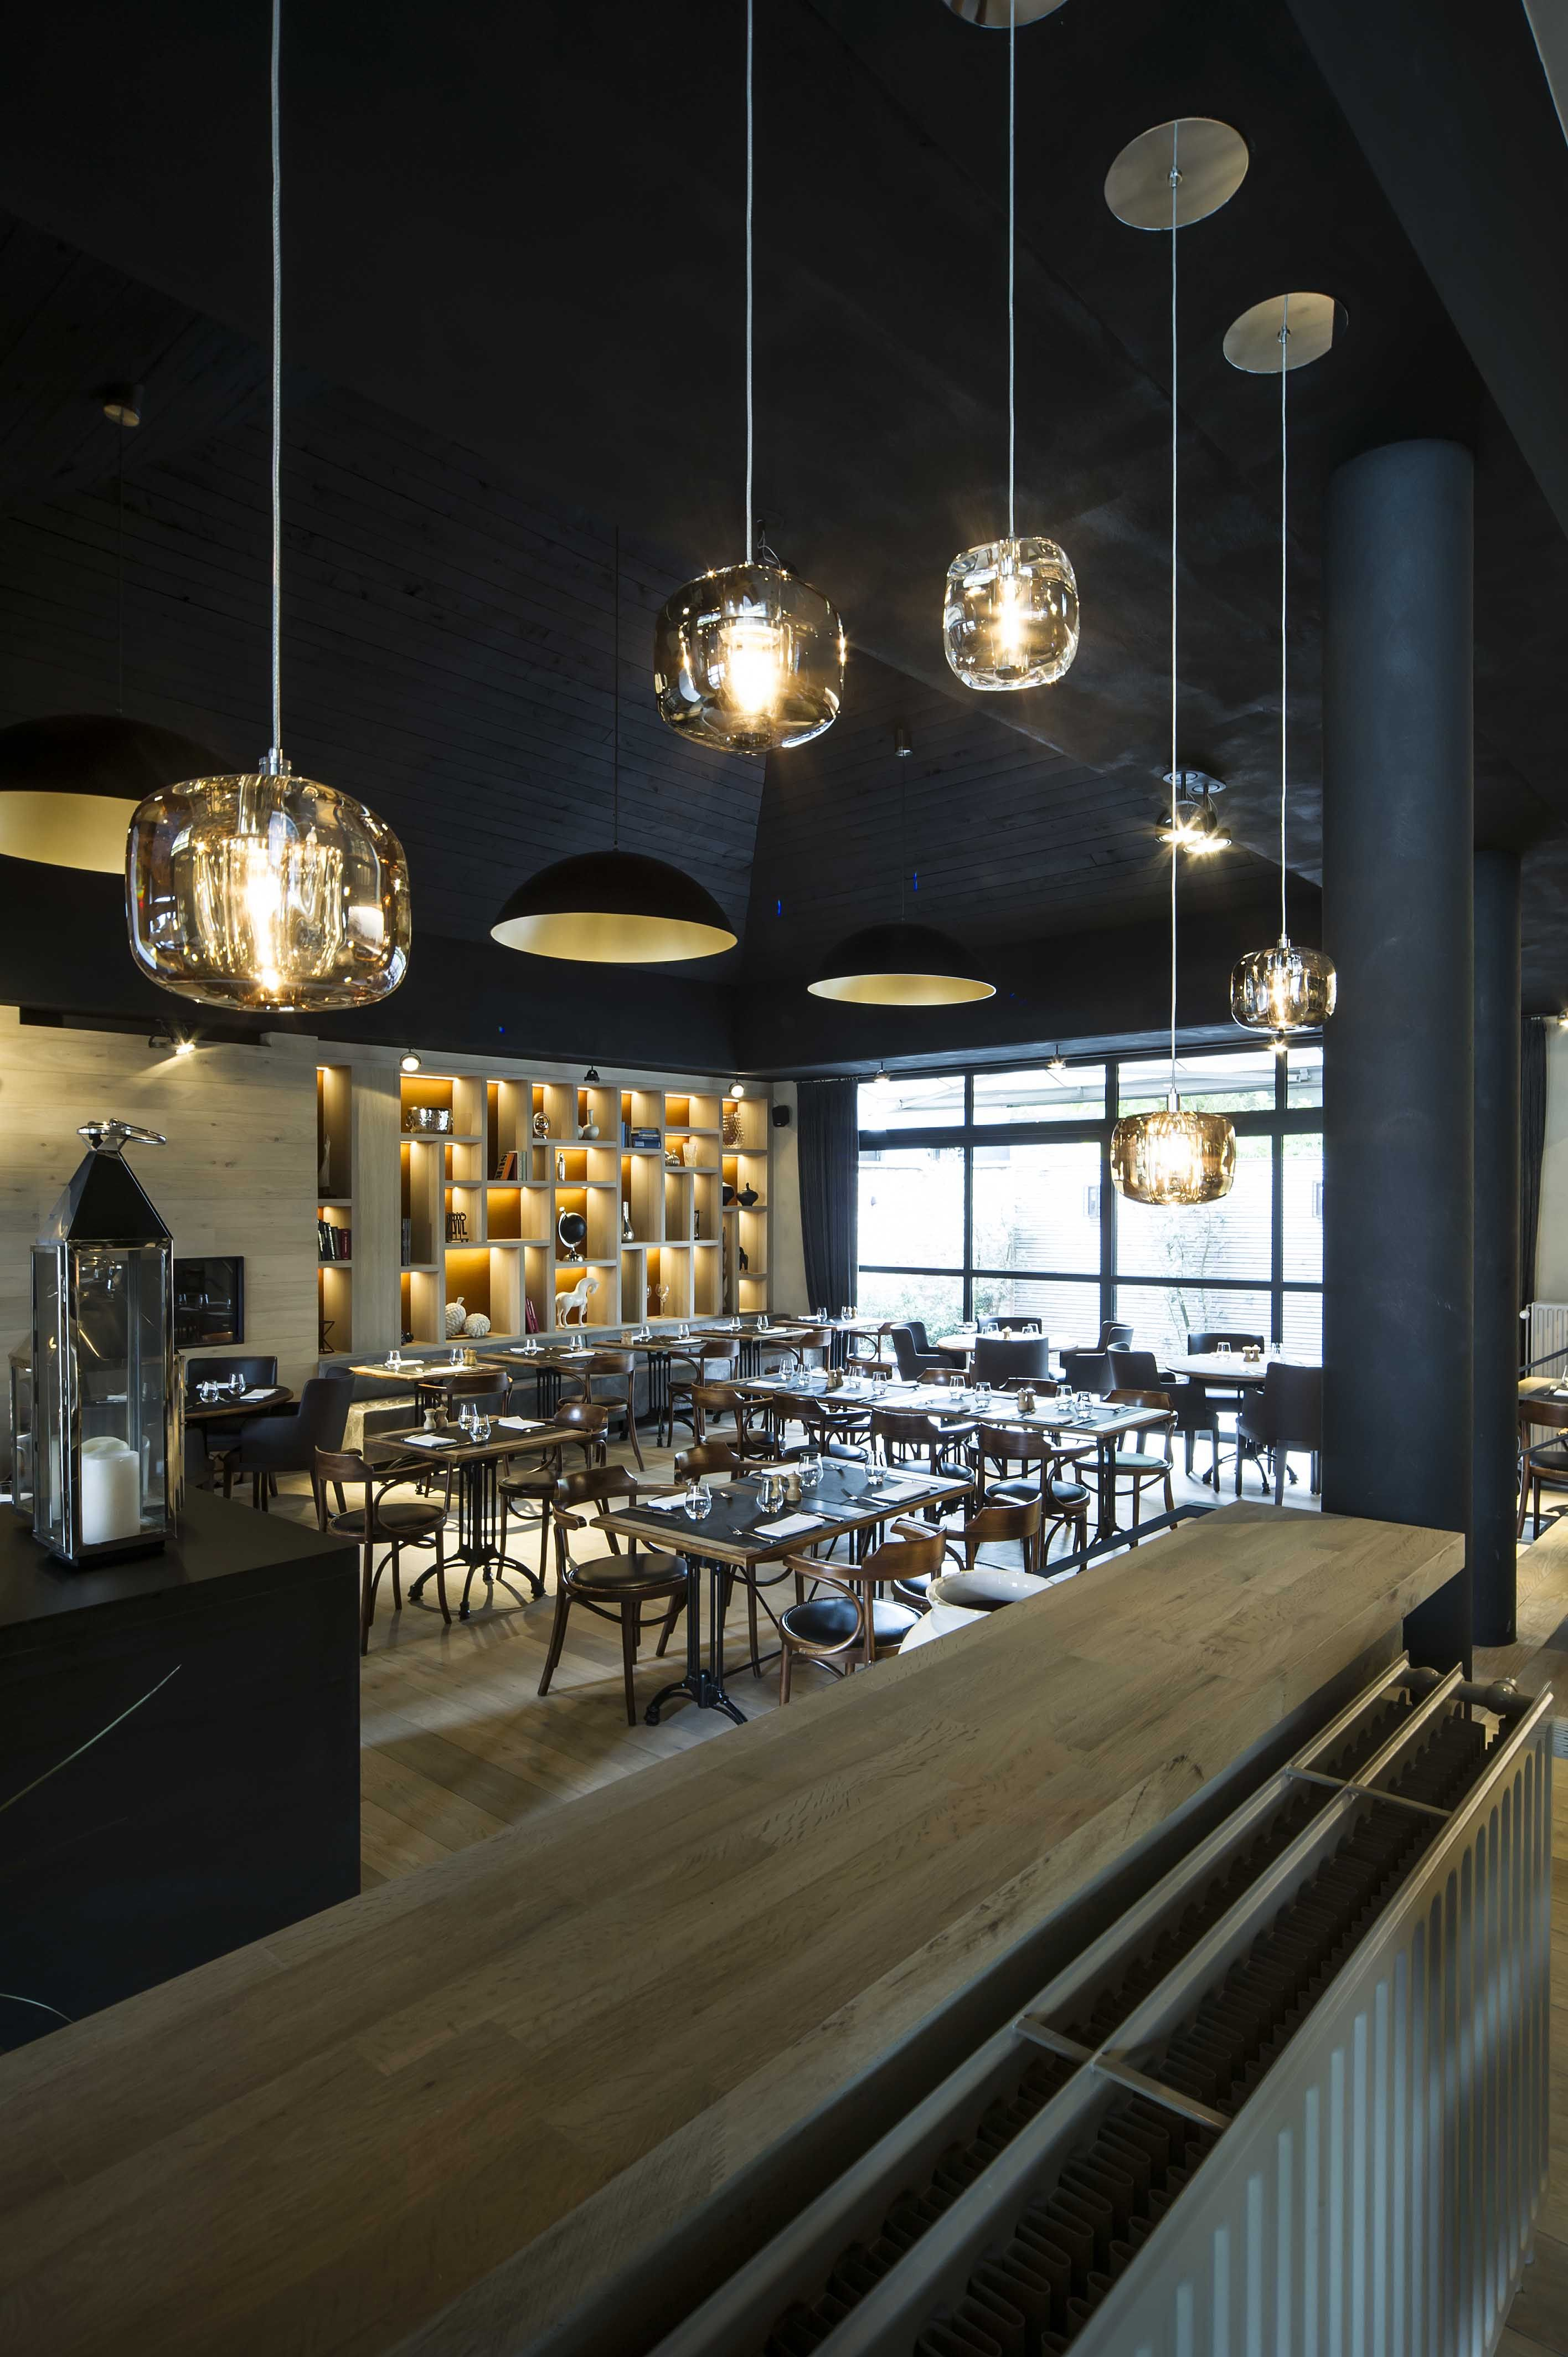 T klooster de pinte wille h interior design restaurant